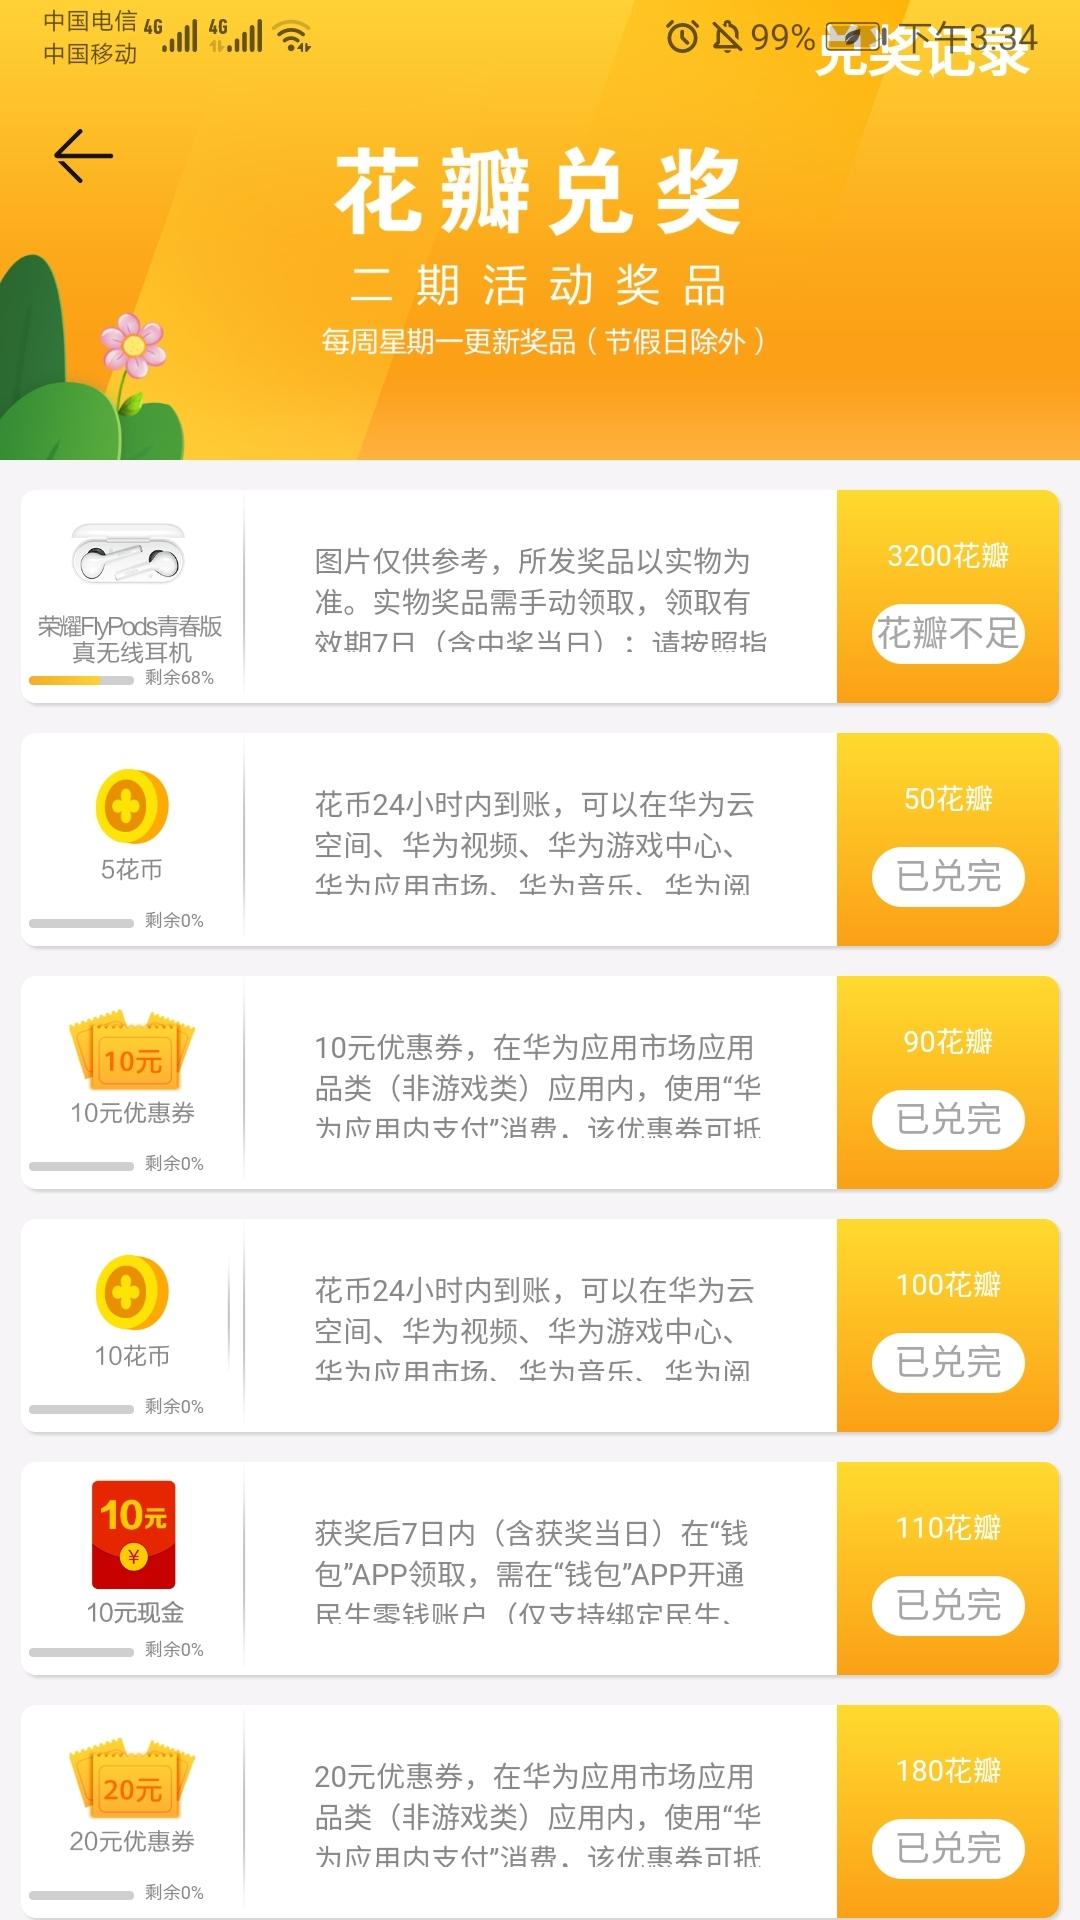 Screenshot_20210830_153448_com.huawei.appmarket.jpg